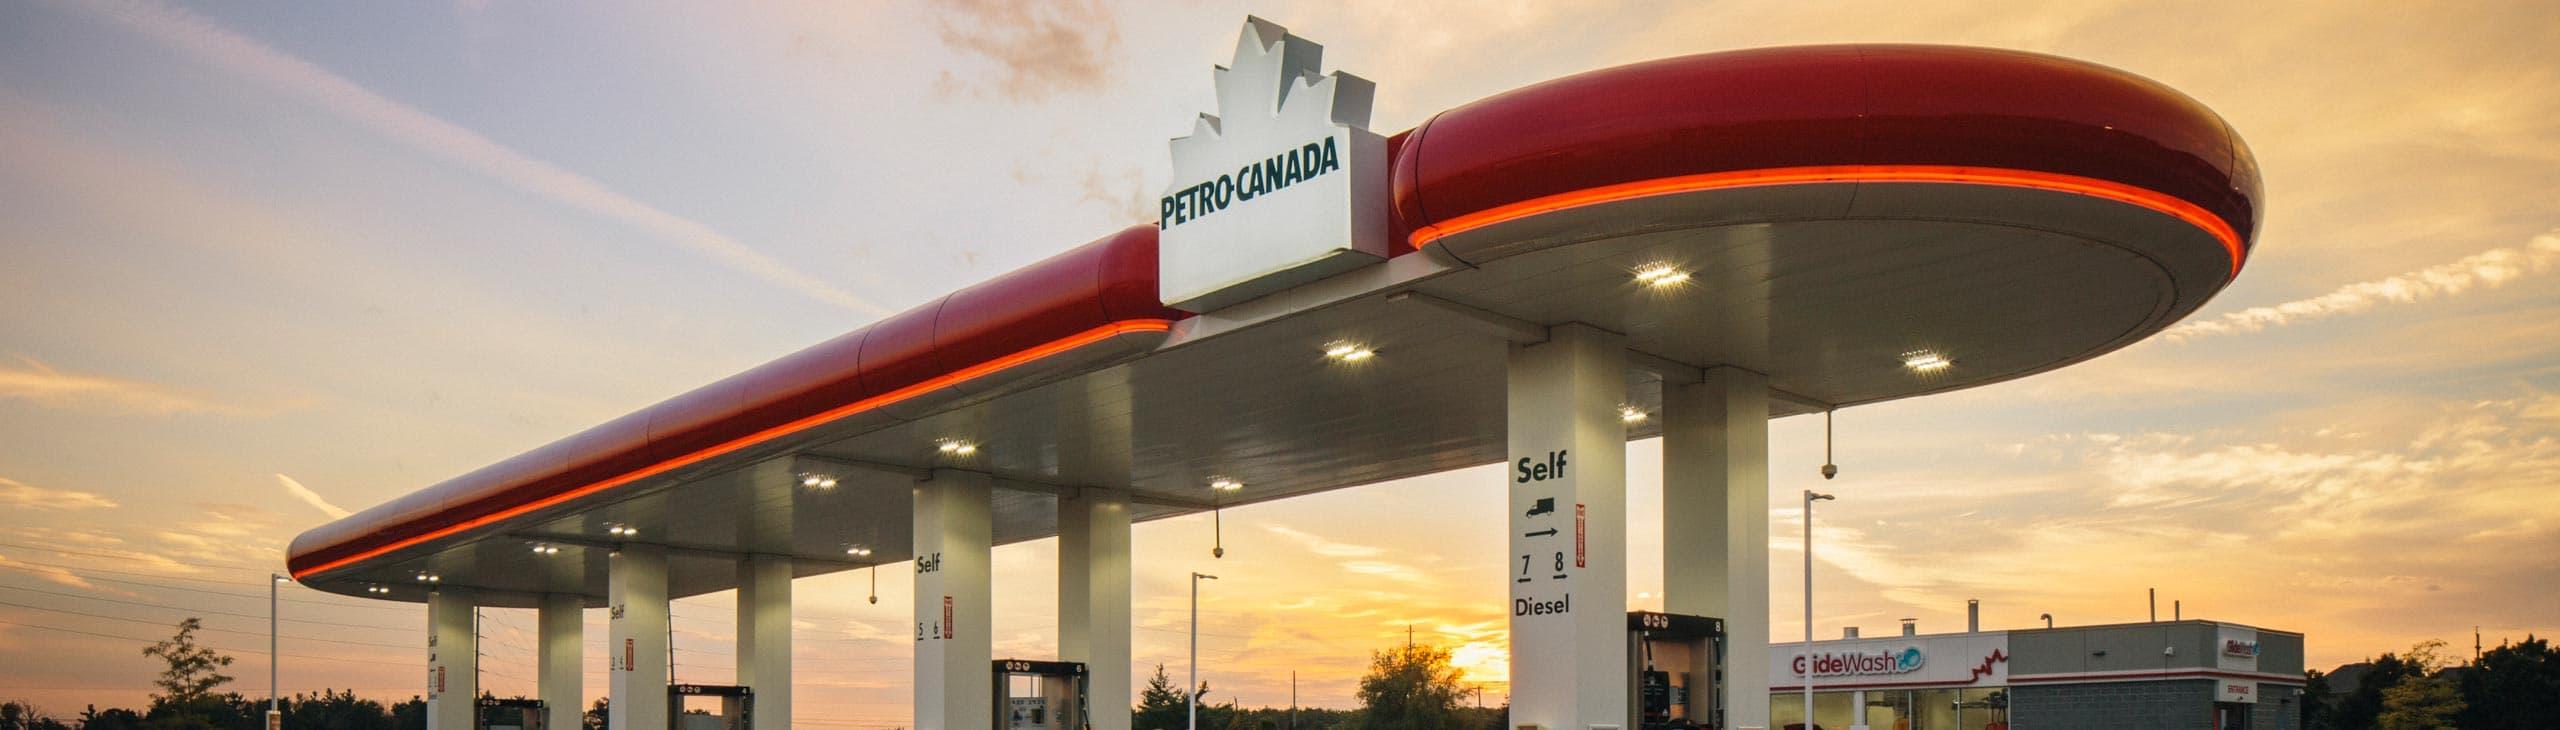 Une station-service Petro-Canada au crépuscule